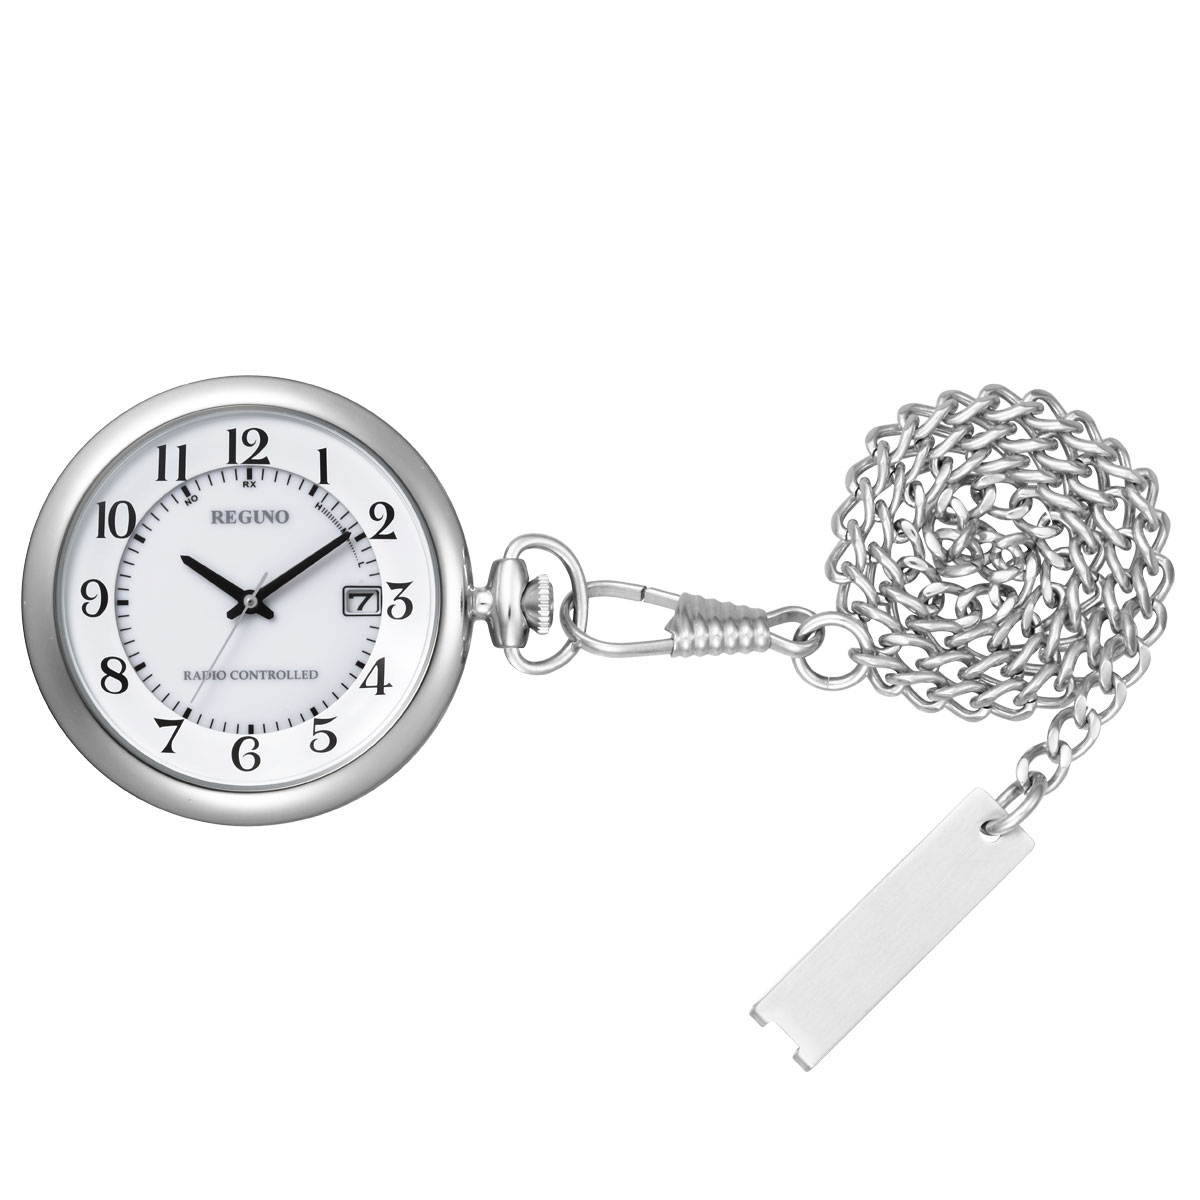 シチズン時計 REGUNO ソーラーテック電波時計 スタンダード KL7-914-11